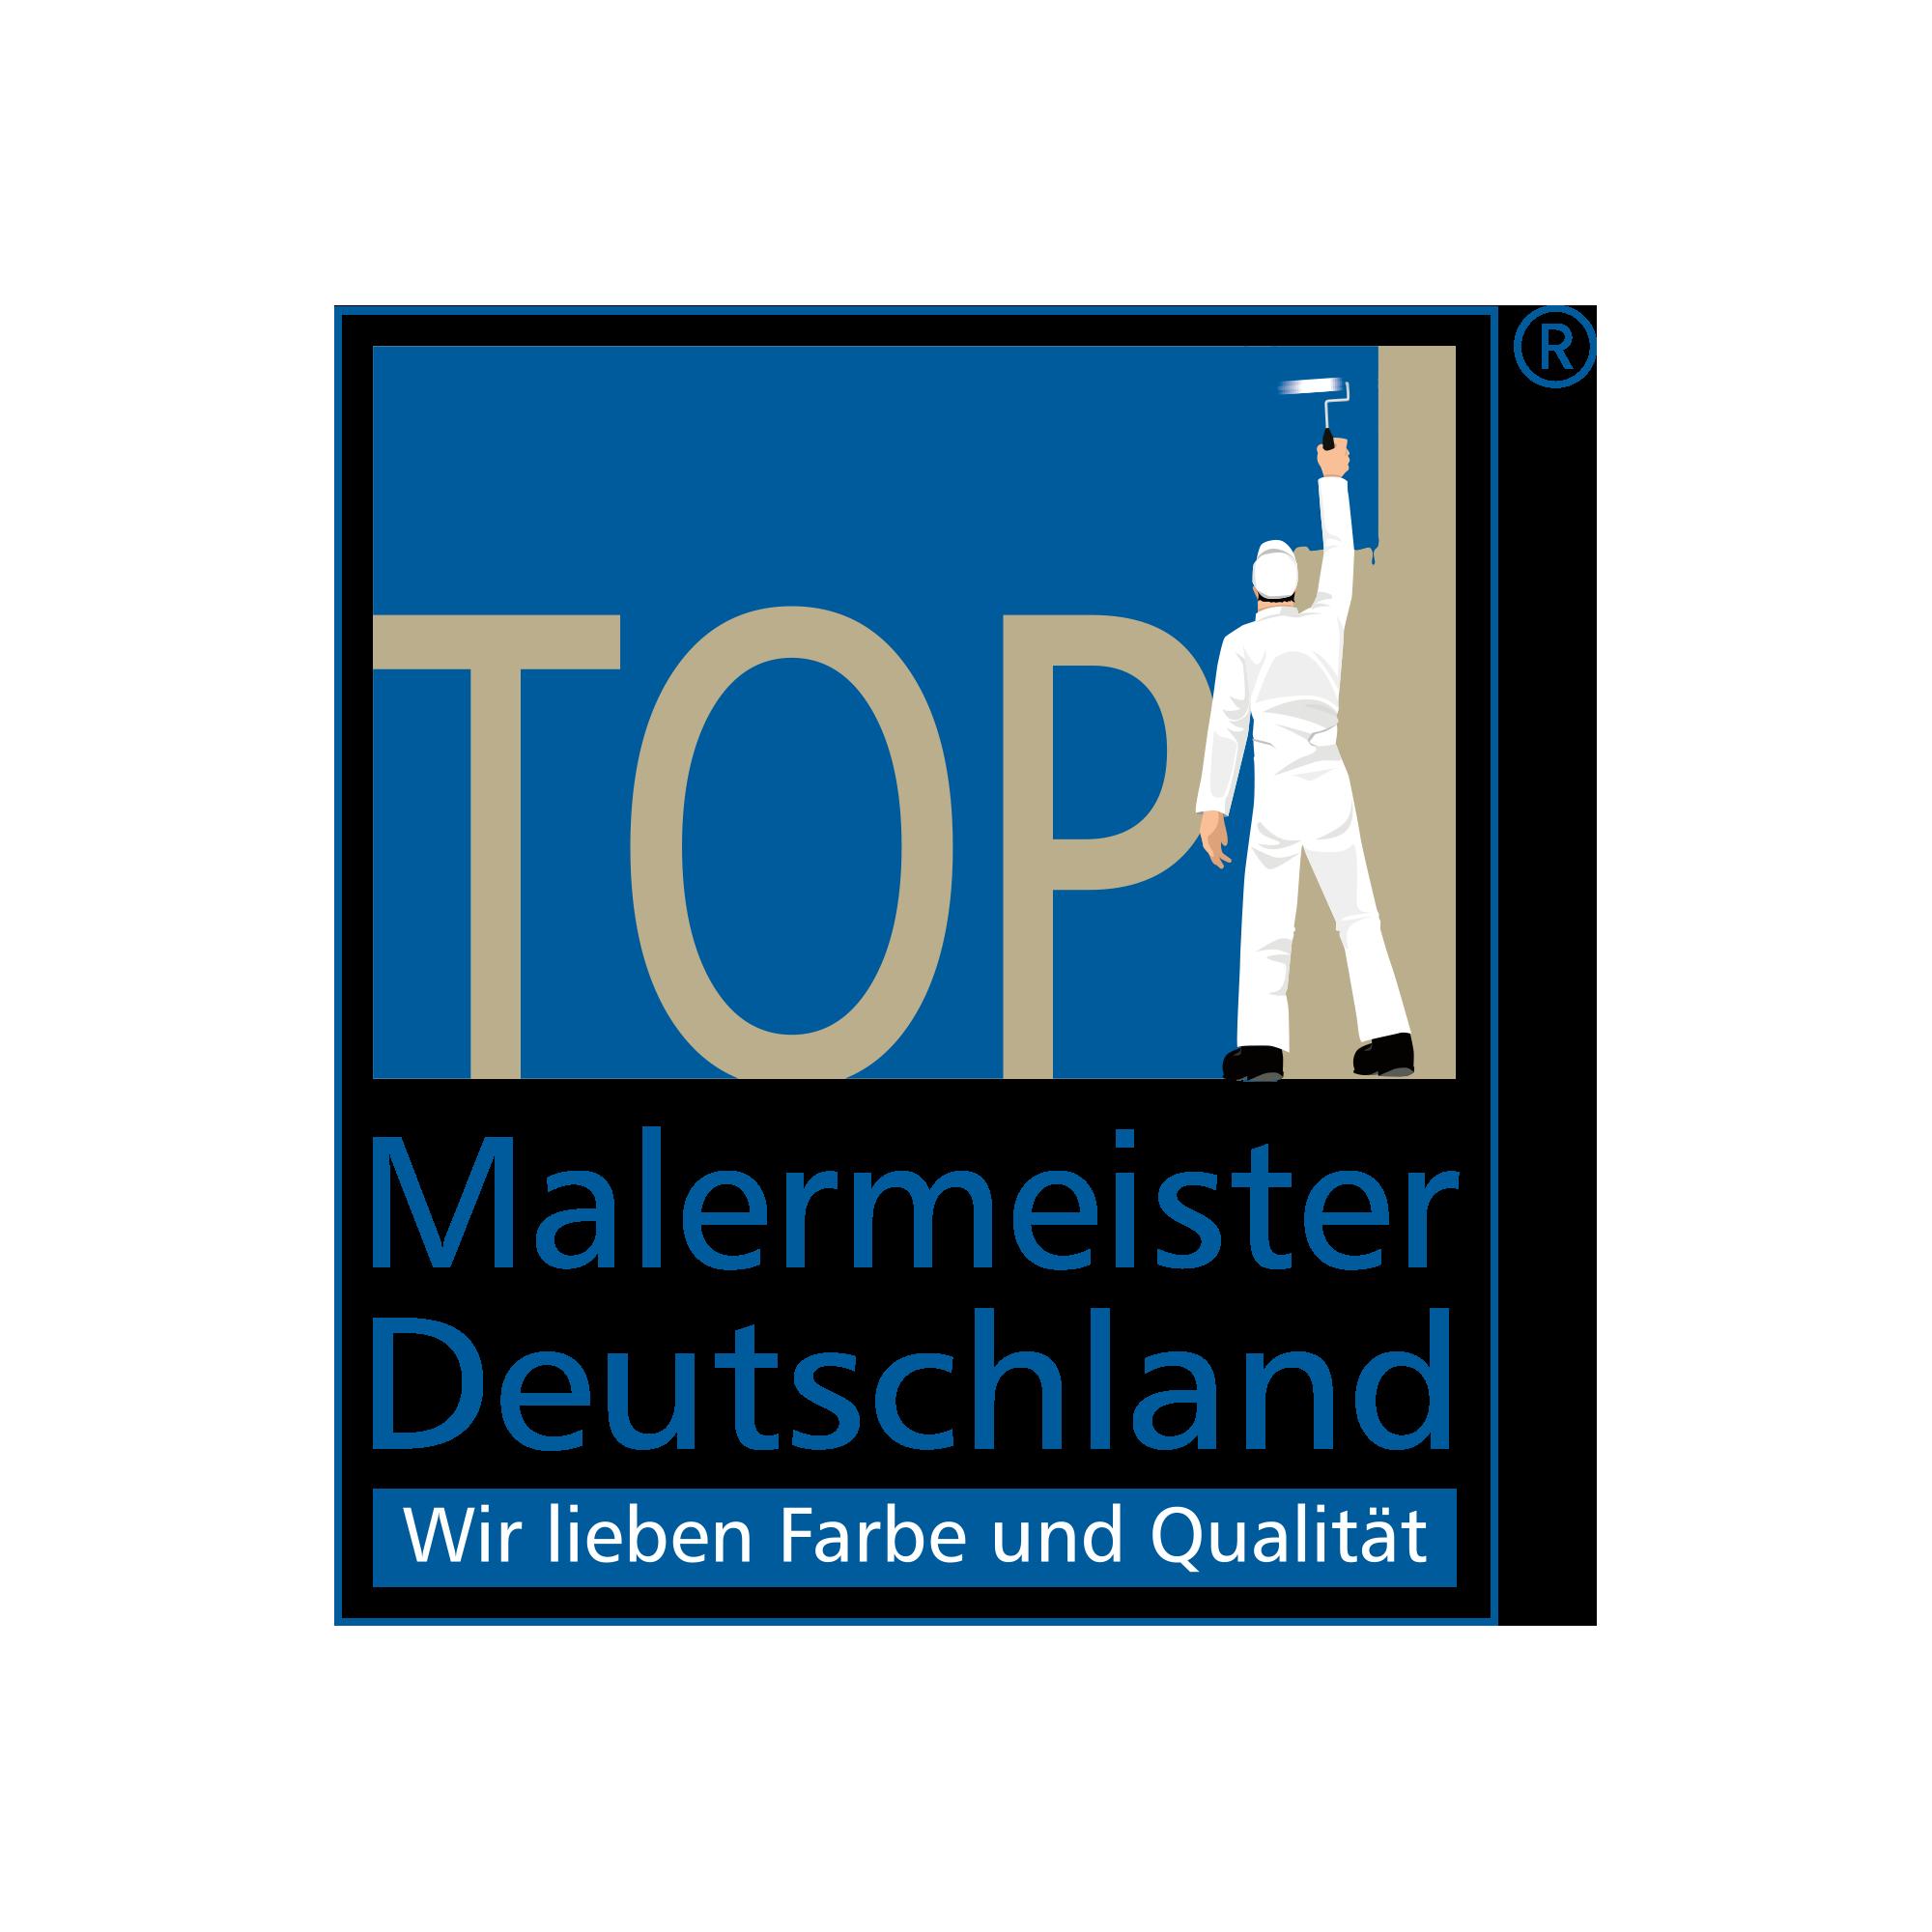 TOP Malermeister Deutschland GmbH & Co. KG